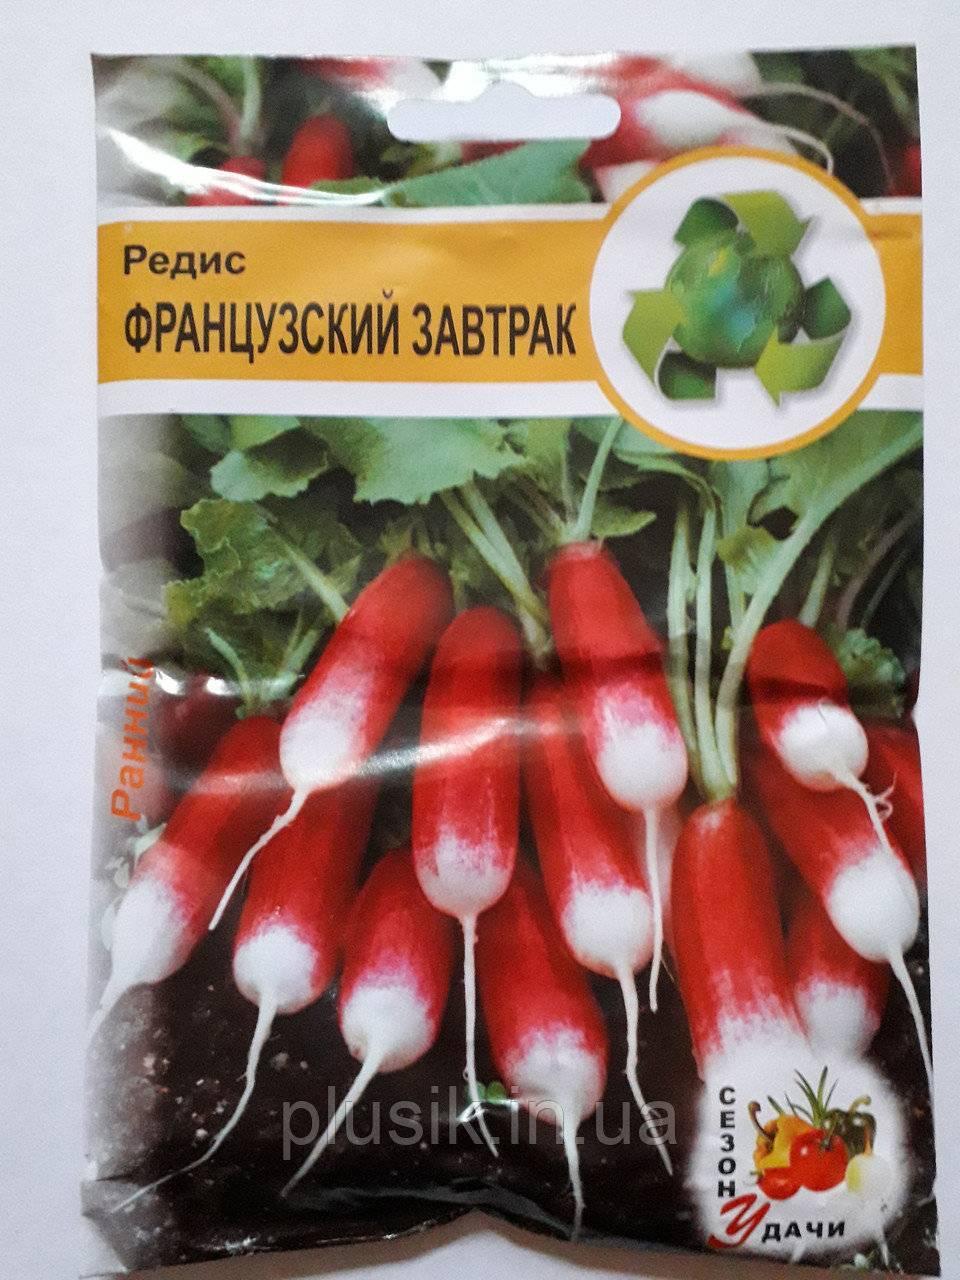 Редис ризенбуттер: отзывы, фото, урожайность, как и когда сажать, выращивание